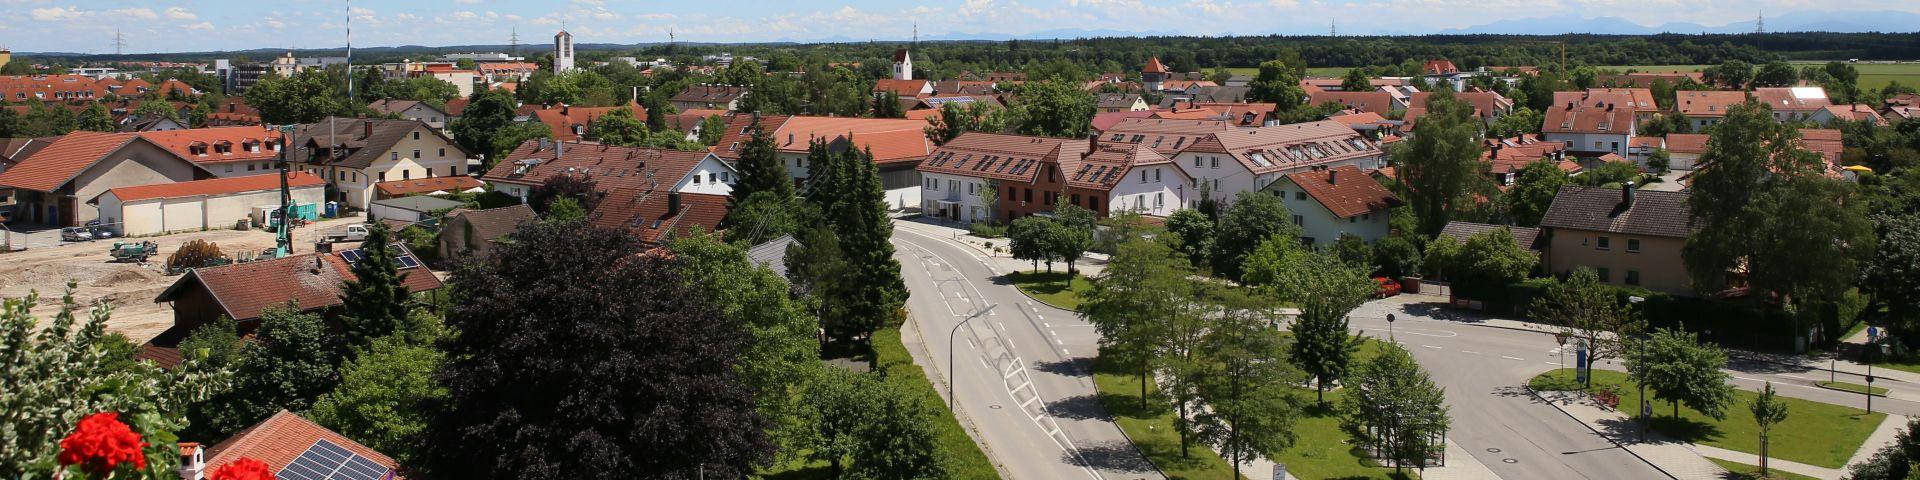 Wetter Putzbrunn